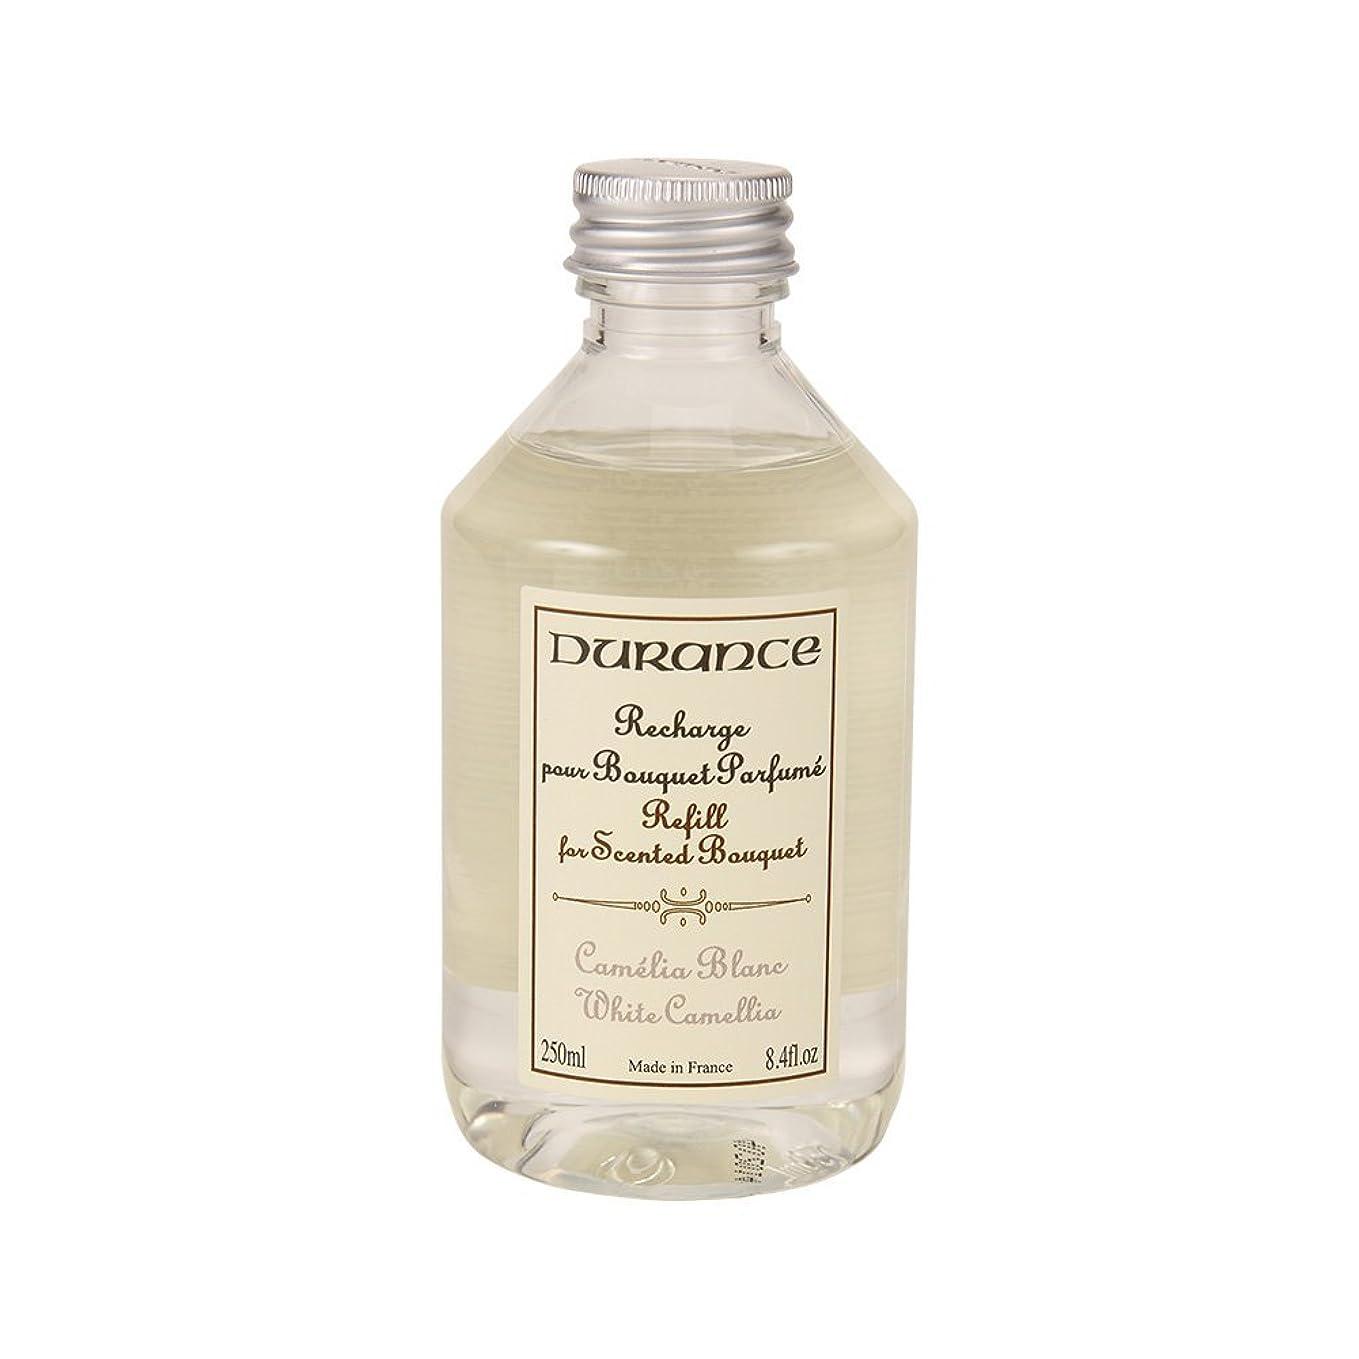 立派なプラカードシャーロットブロンテDurance [ デュランス ] Refill for scented bouquet リフィルオイルWhite Camellia ホワイト カメリア 45513 アロマオイル 防ダニ フレグランス ブーケ [並行輸入品]